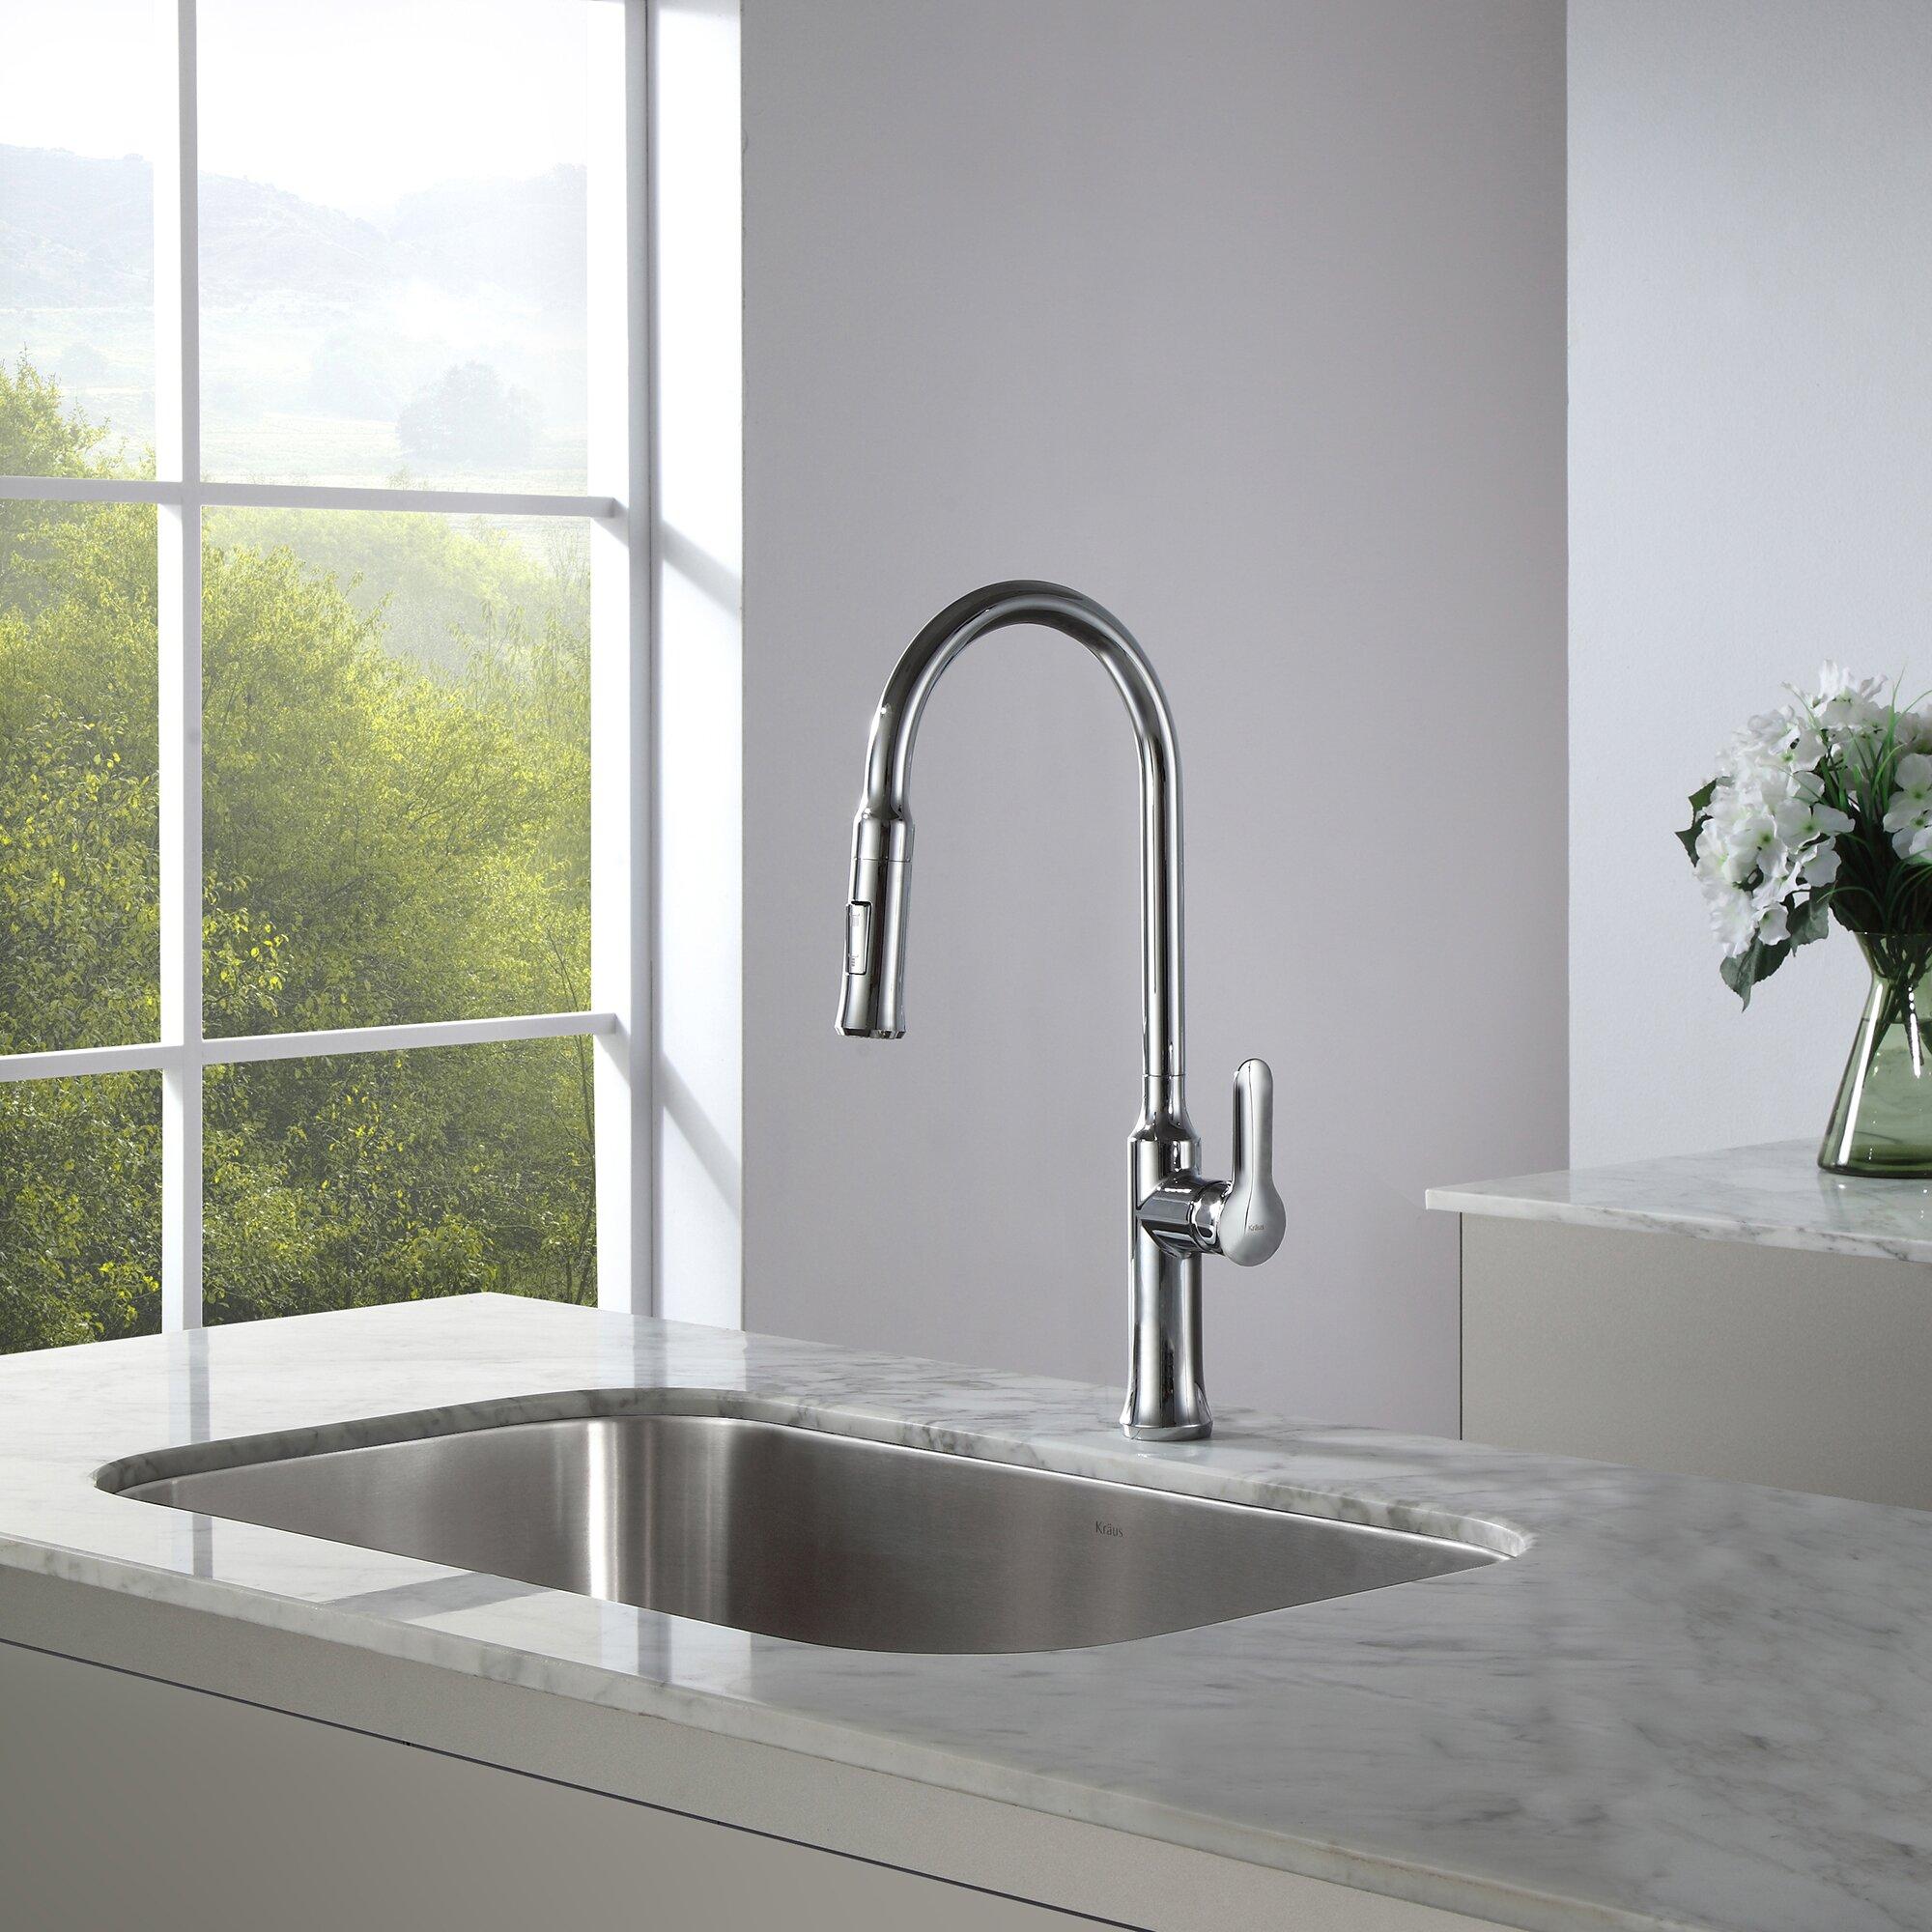 kraus nola single lever pull down kitchen faucet kraus kpf 1622sn pull down kitchen faucet review